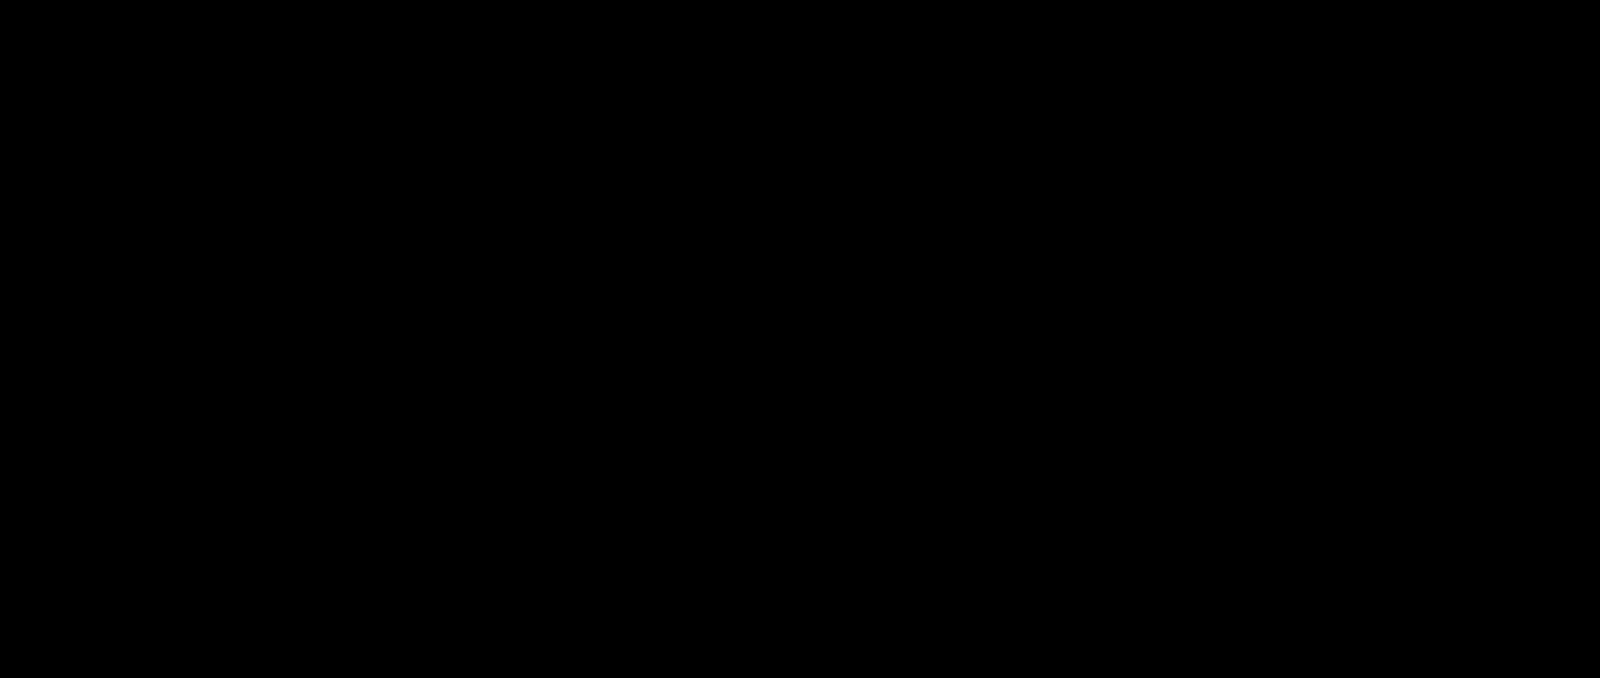 Diegosax Cómo Leer Partituras Cómo Leer Solfeo Aprender A Leer Notas Musicales Escala De Do Espacios Y Líneas En El Pentagrama Figuras Musicales Y Su Duración Equivalencia Entre Las Figuras Musicales Aprender